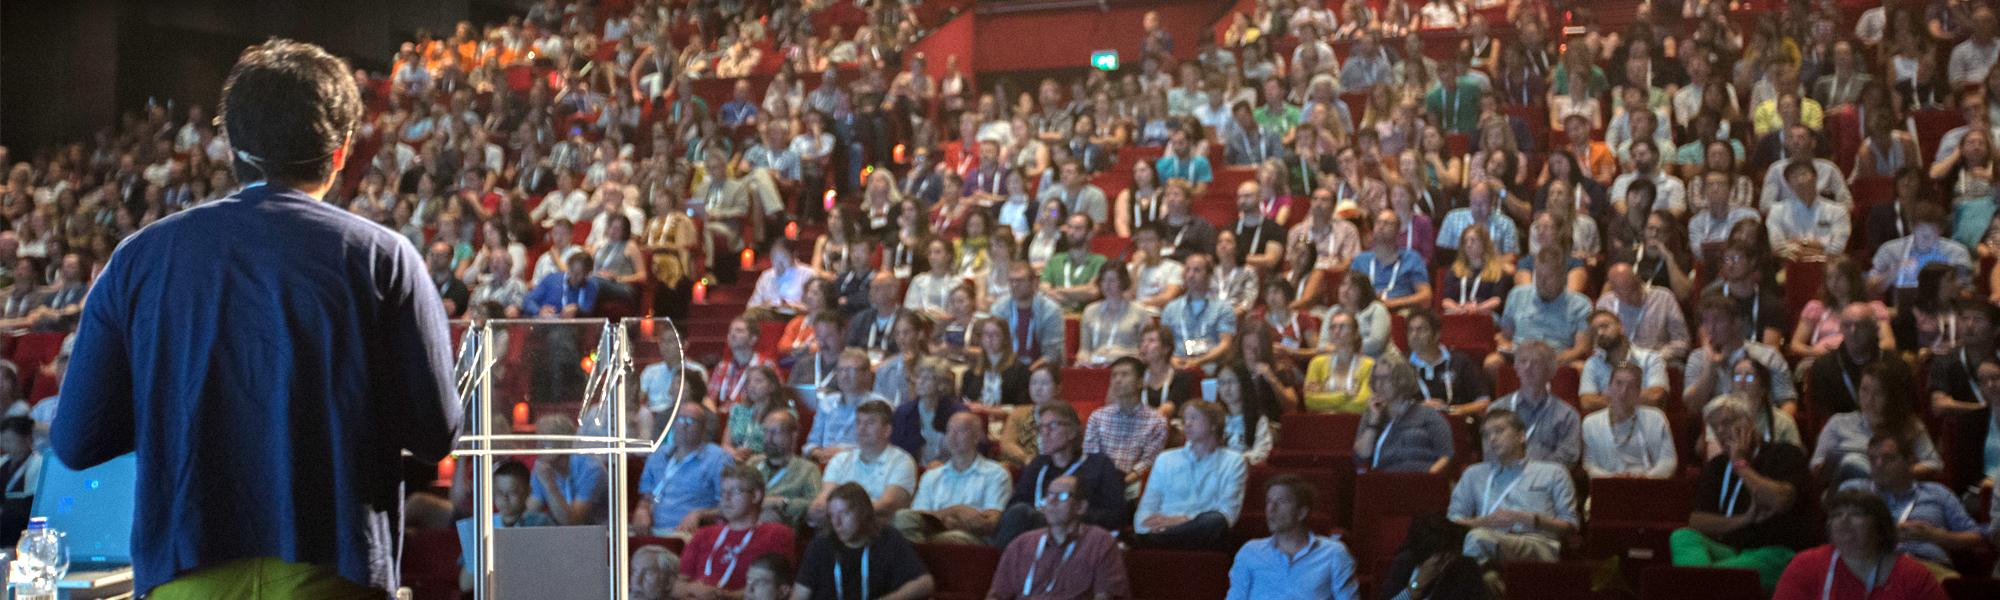 BFoto evenement fotografie congres